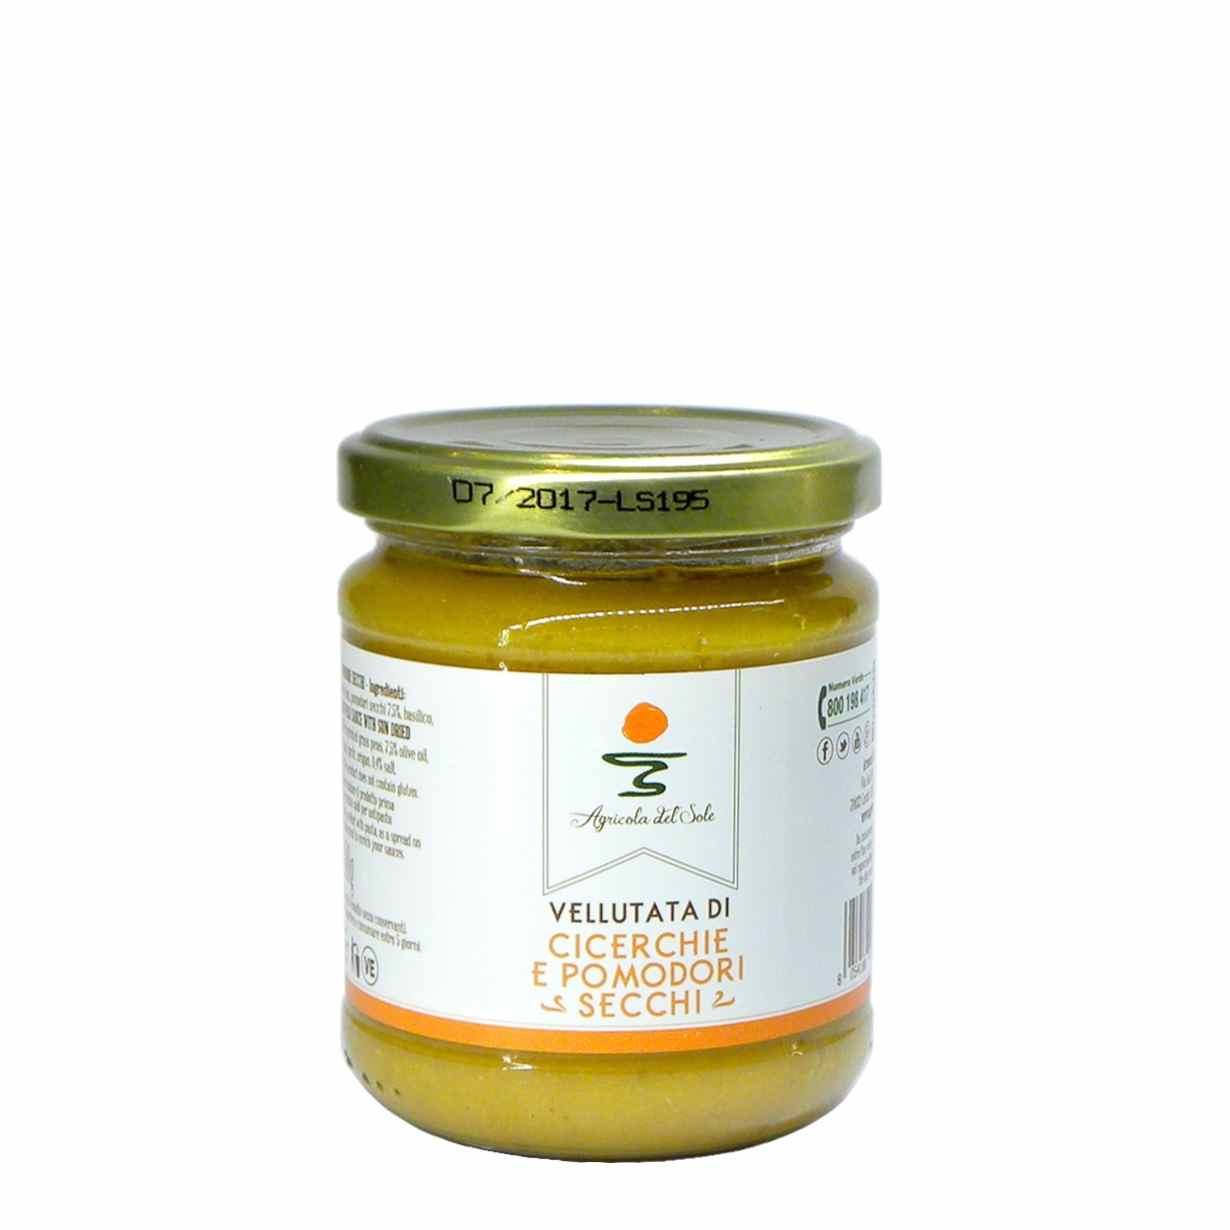 Agricola del Sole grass pea dried tomatoes velvet – Agricola del Sole vellutata cicerchie pomodori secchi – Gustorotondo – Italian food boutique